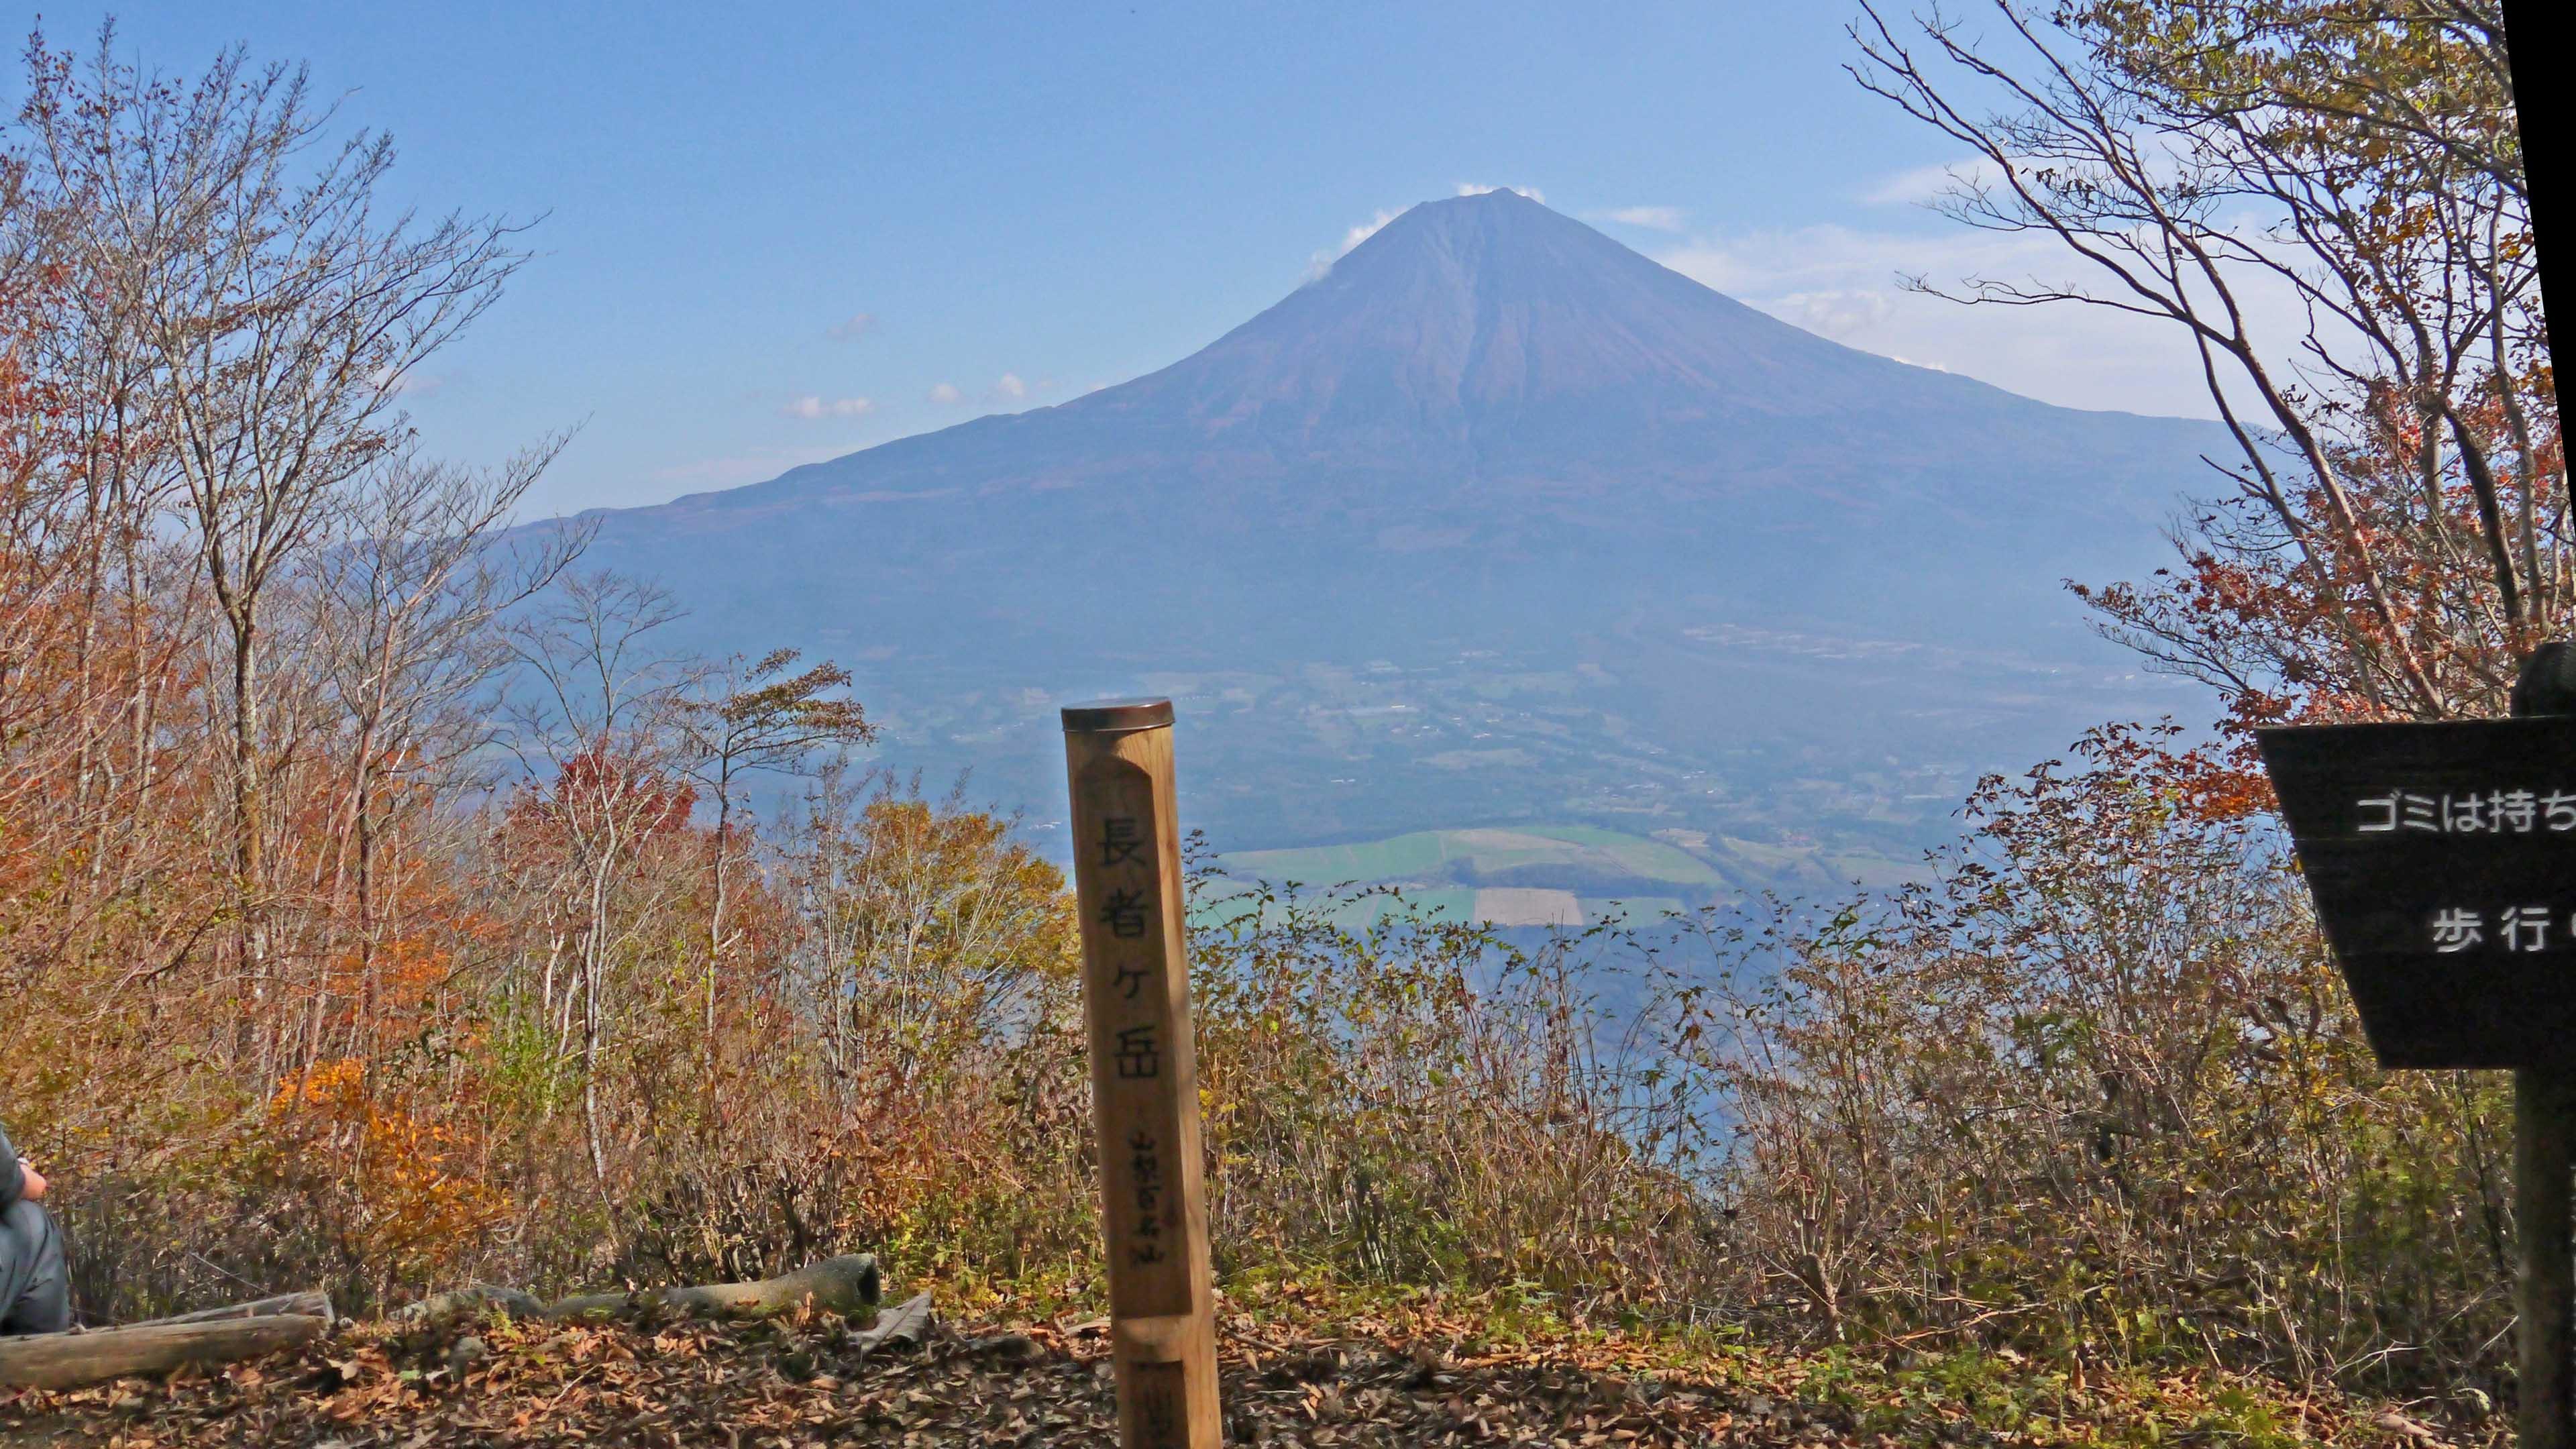 長者ヶ岳山頂から.jpg